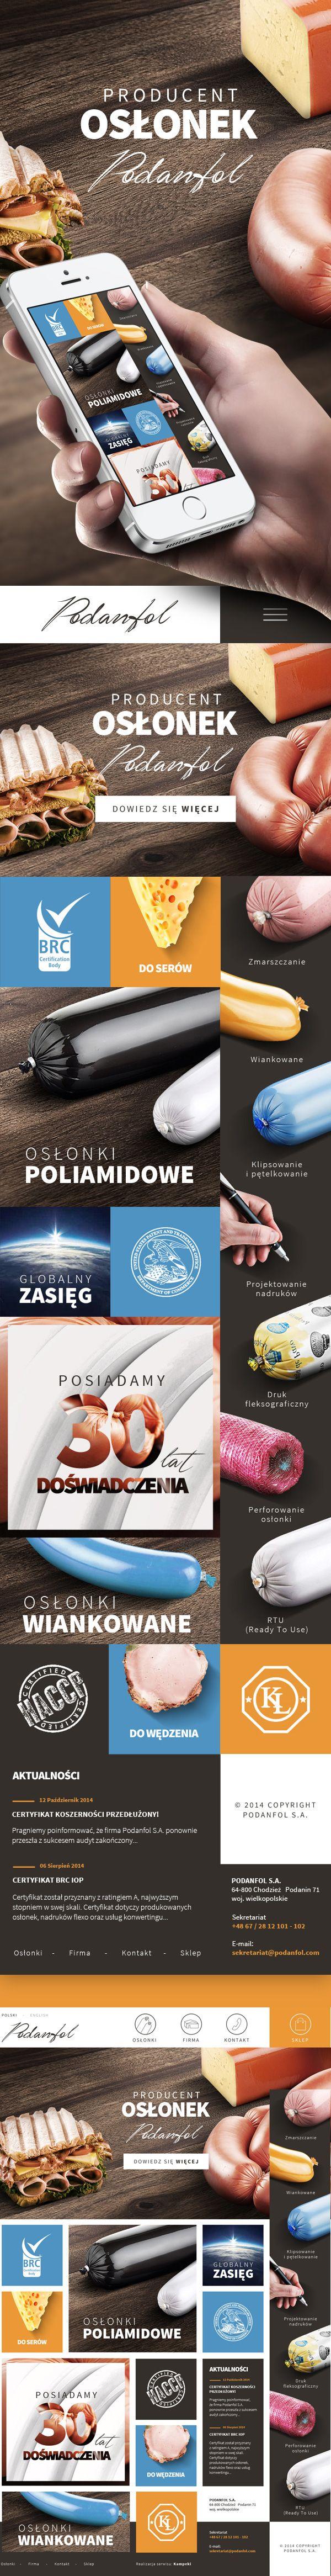 Podanfol Casings Manufacturer by Paweł Skupień